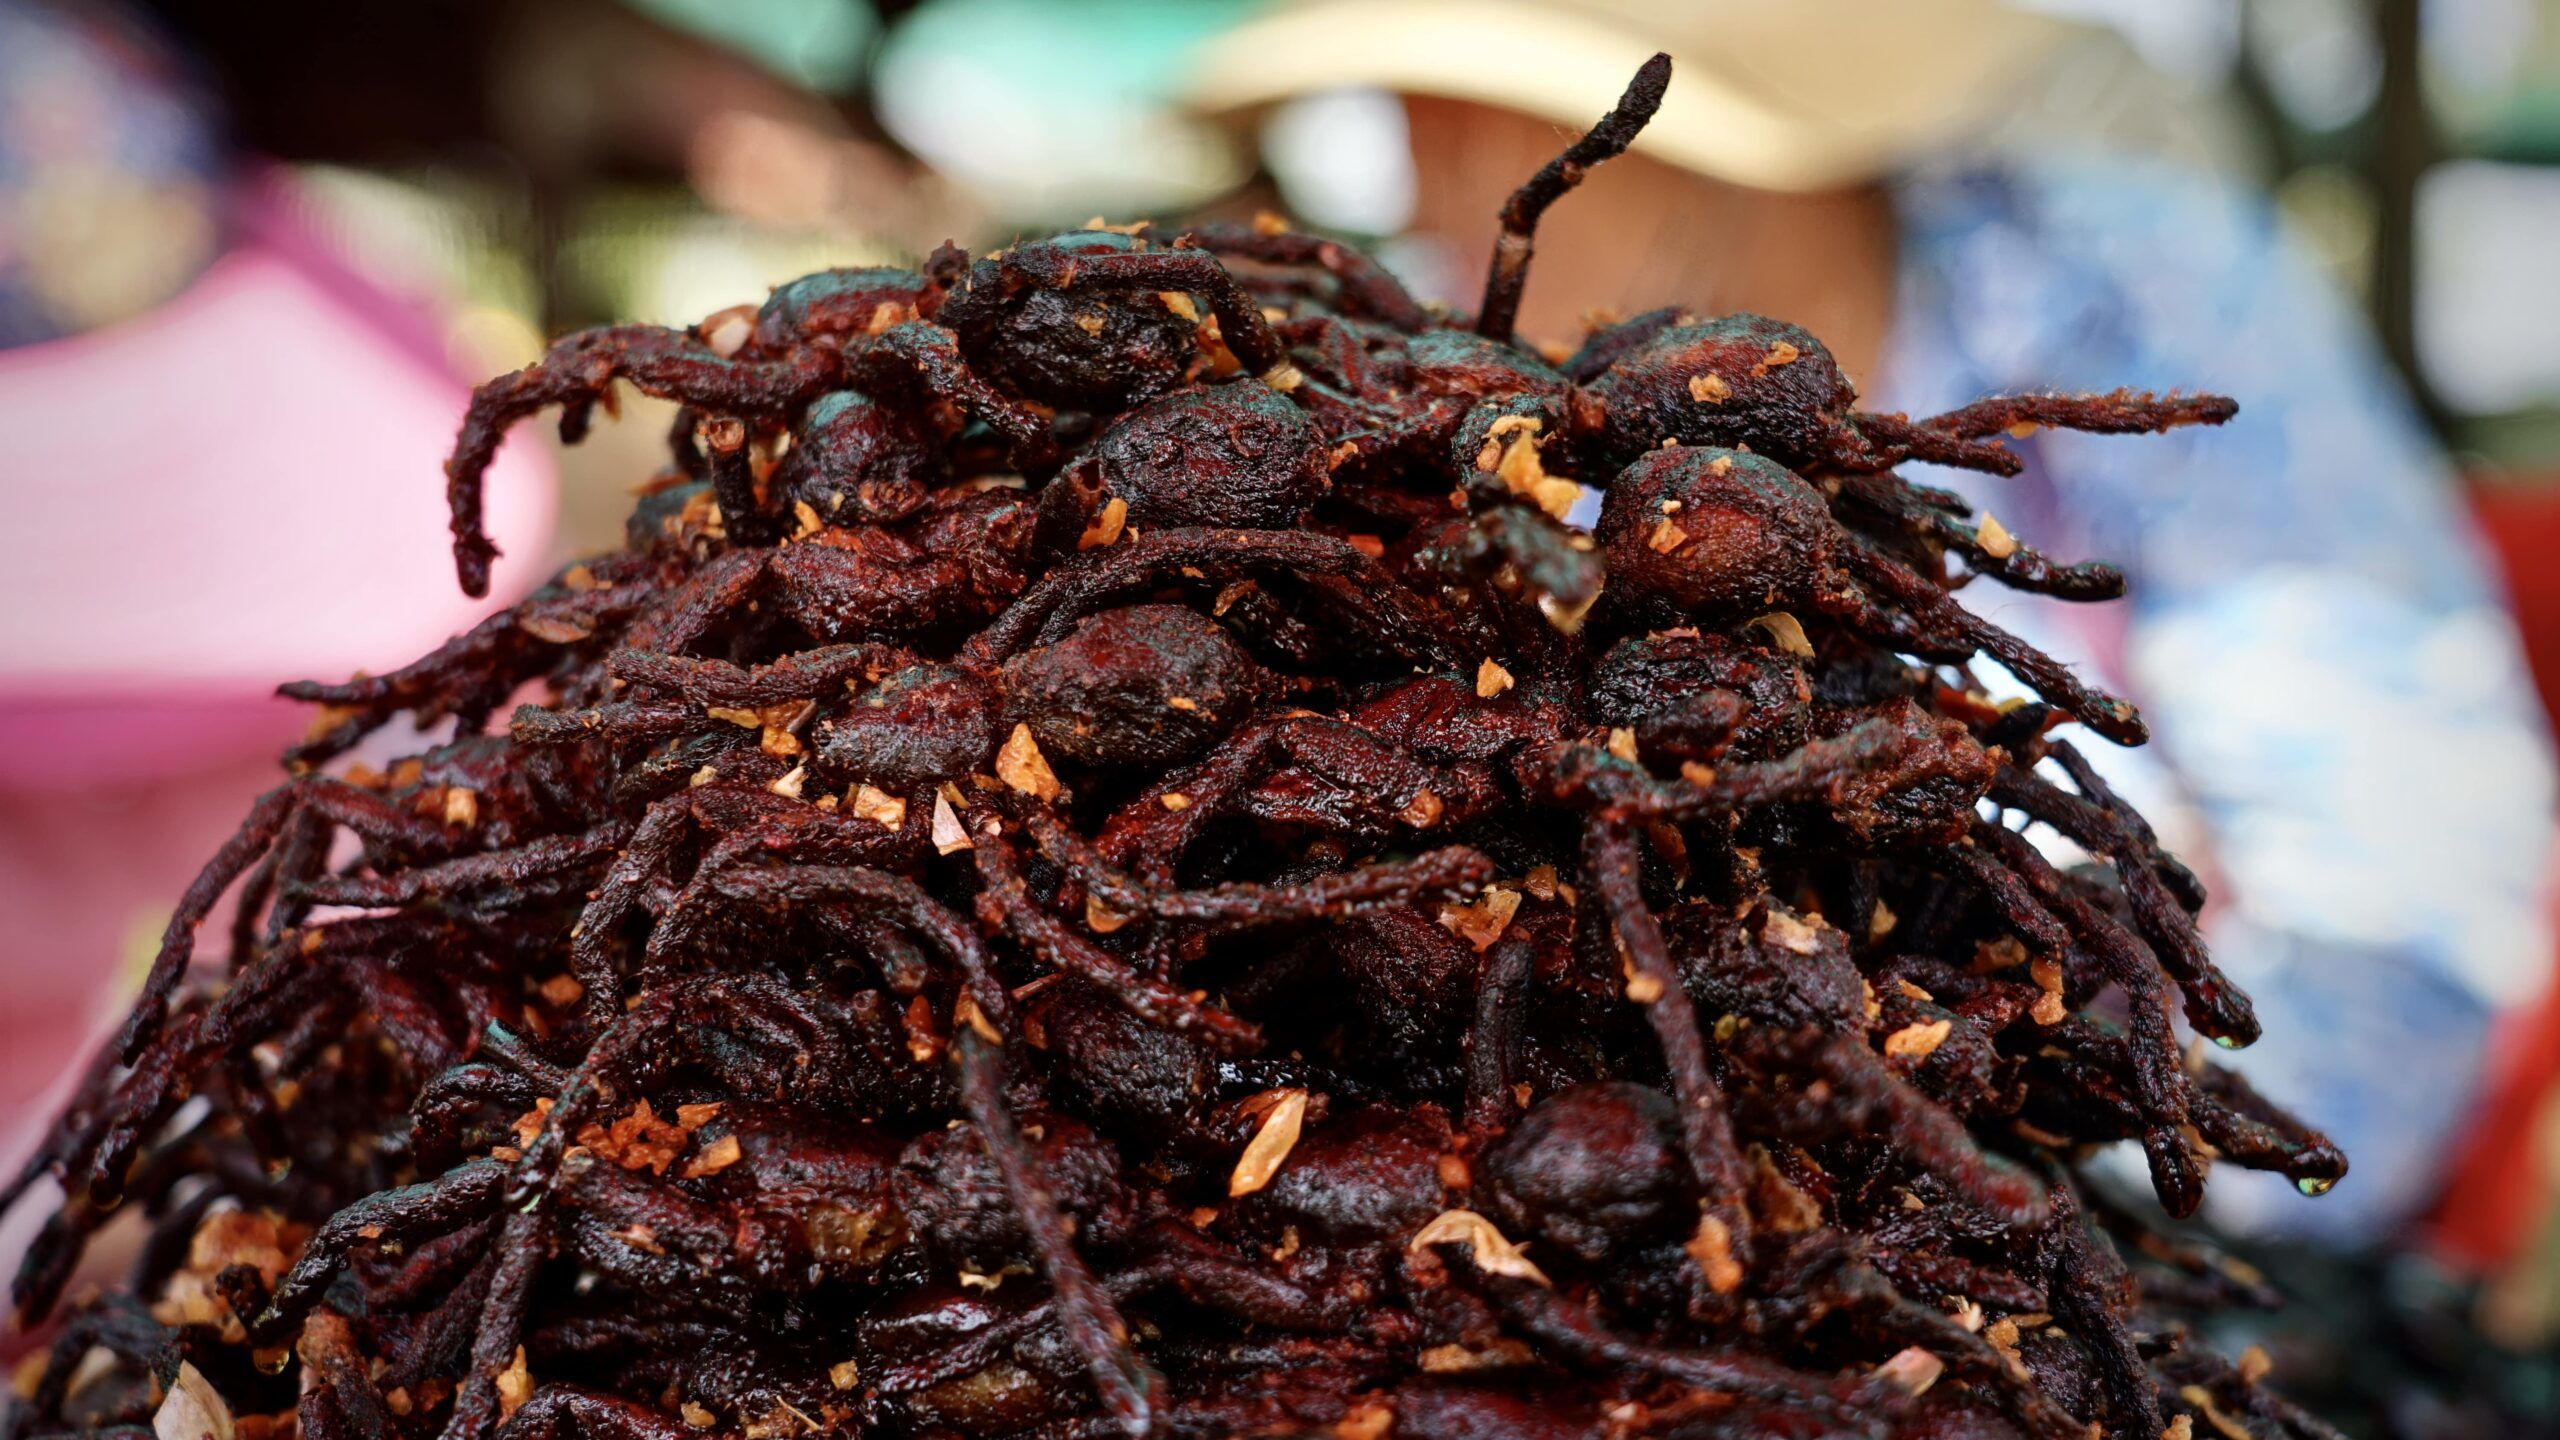 Würzig-rot frittierte Taranteln (Vogelspinnen) gelten als Delikatesse in Kambodscha.